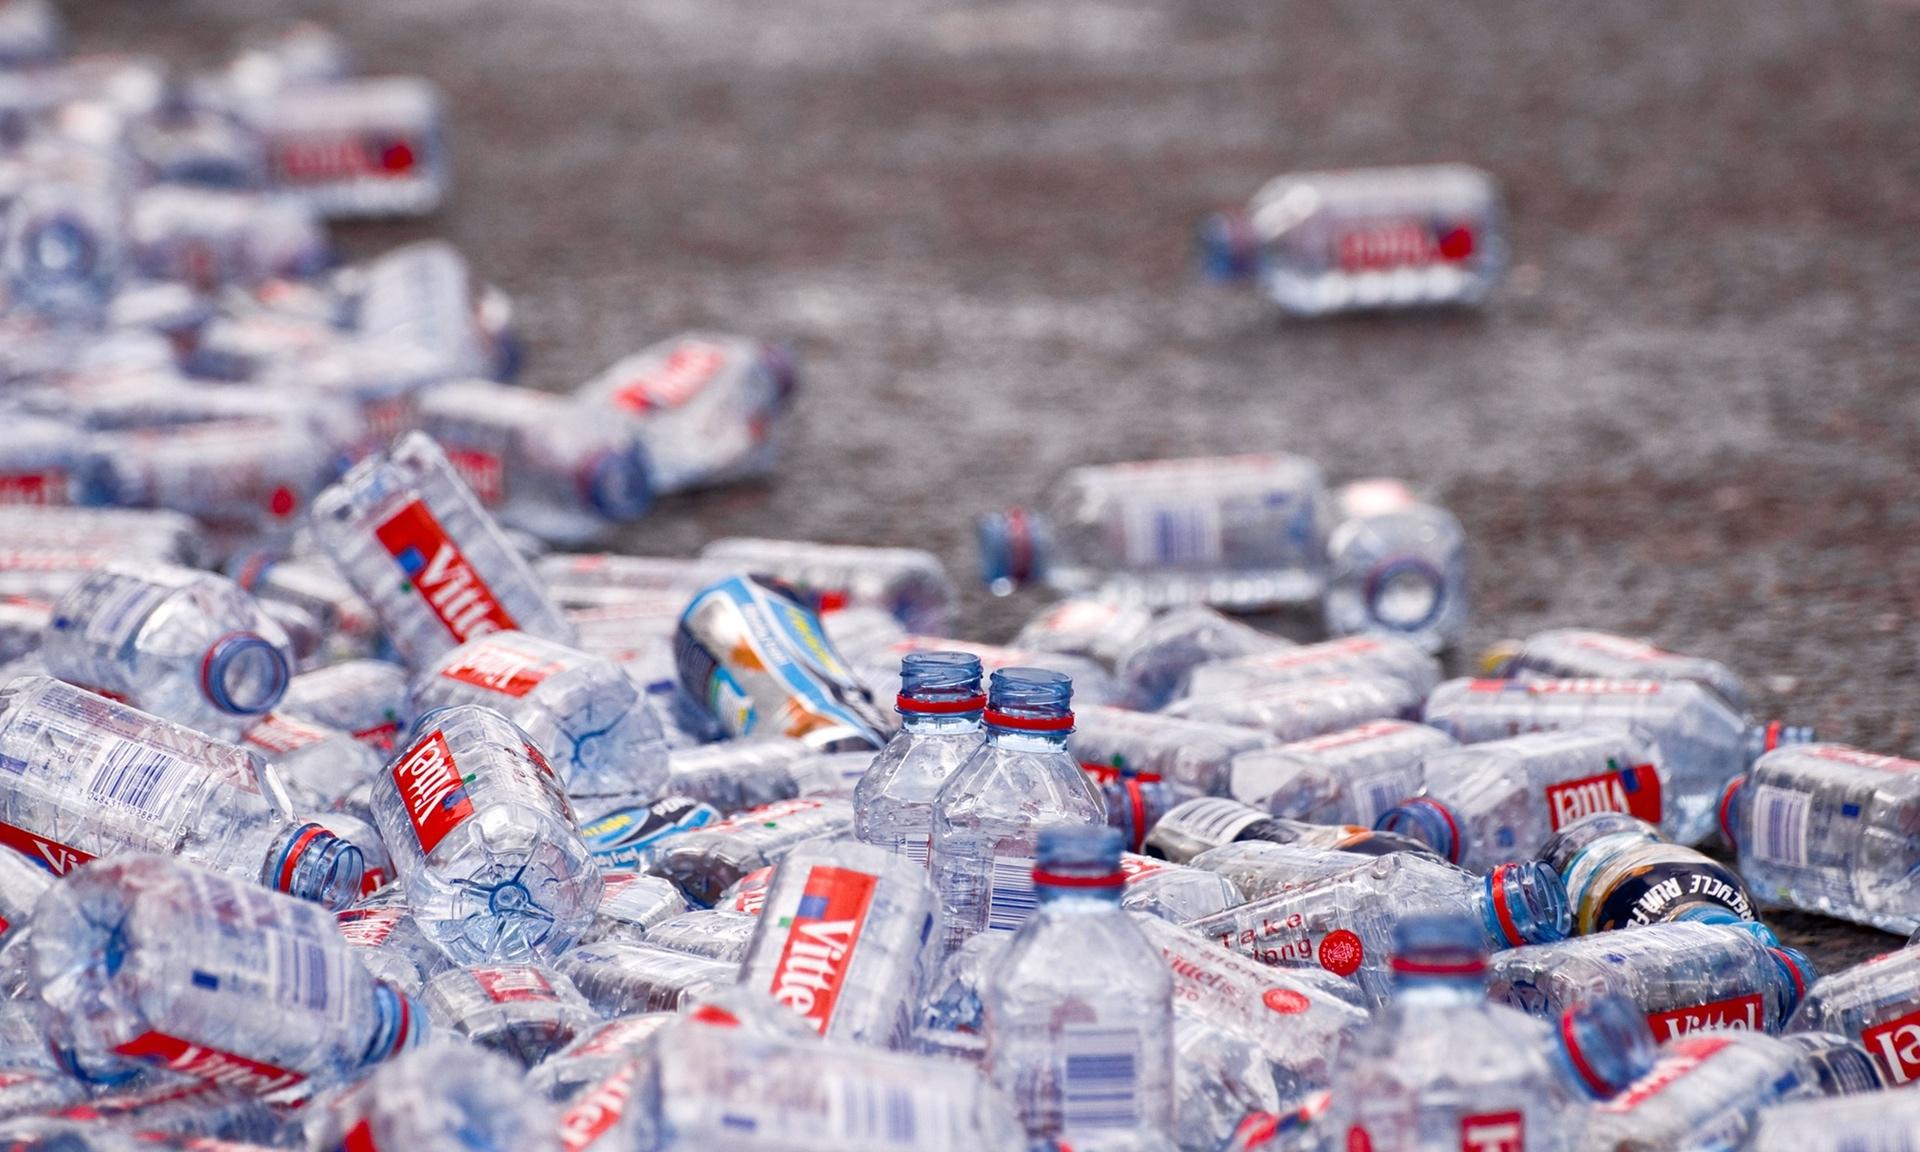 Bottiglie di plastica abbandonate a terra dopo la Maratona di Londra